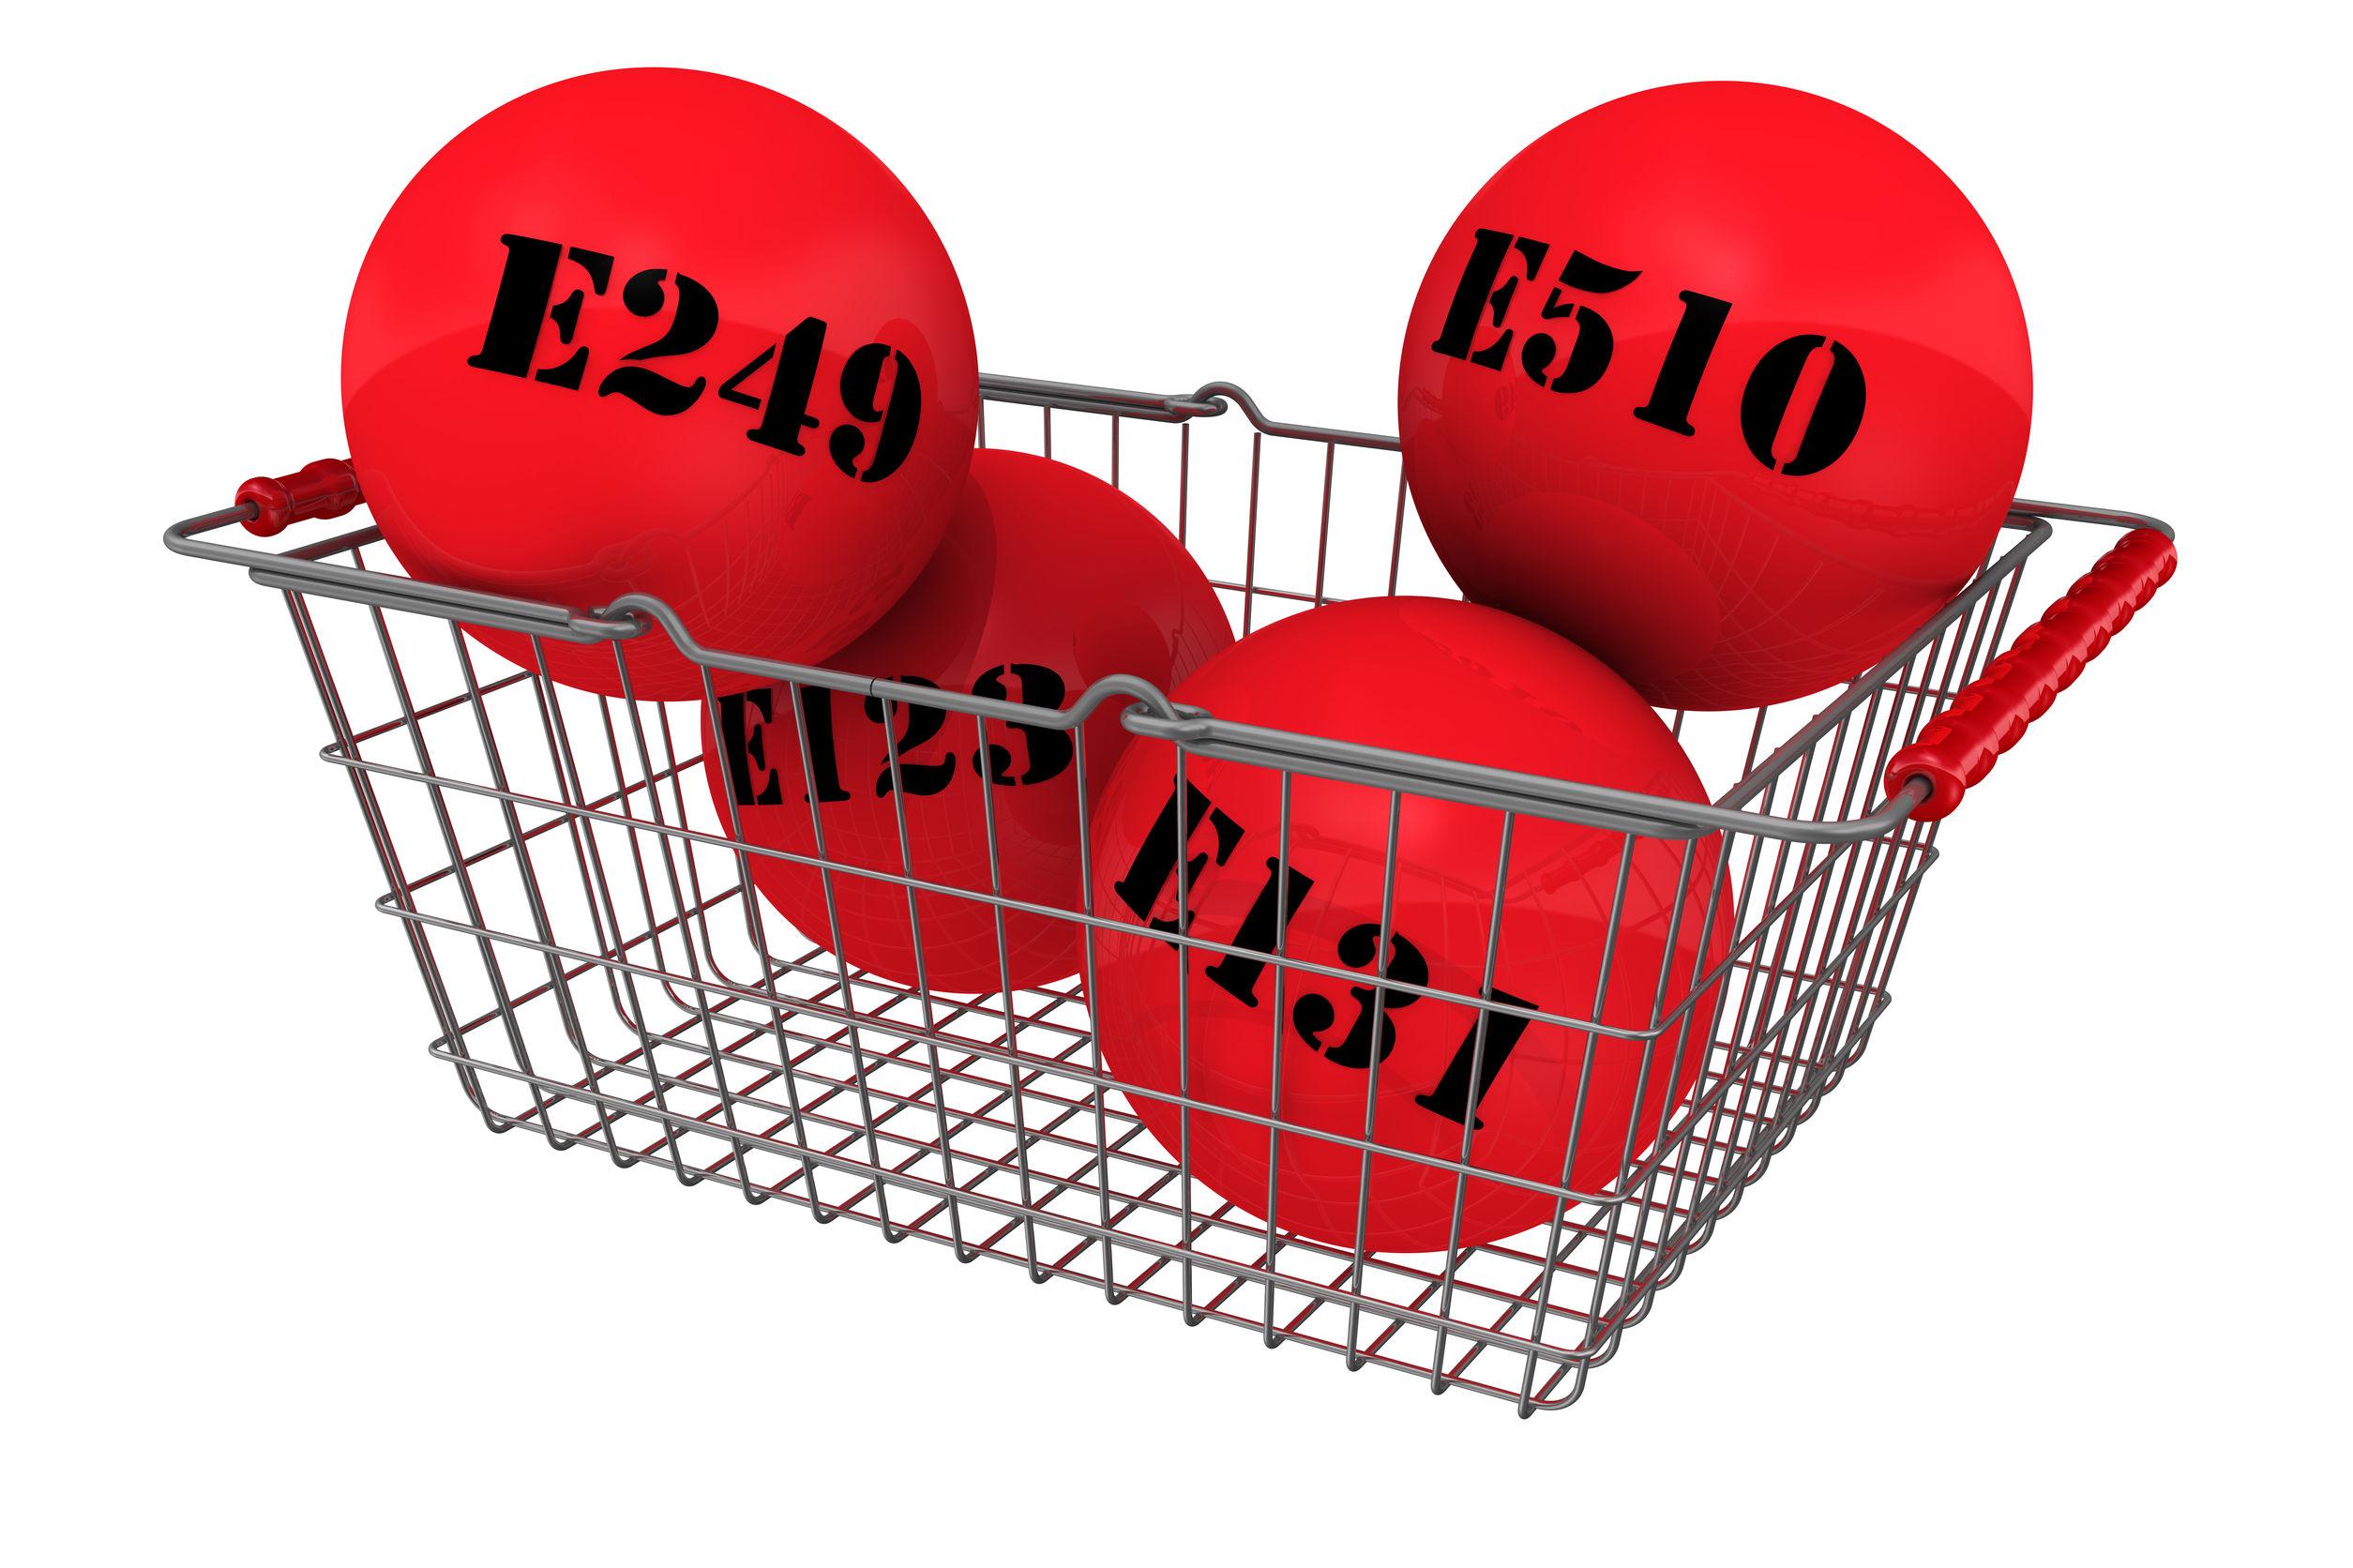 ¿Qué significa la «E» en la etiqueta de un producto?